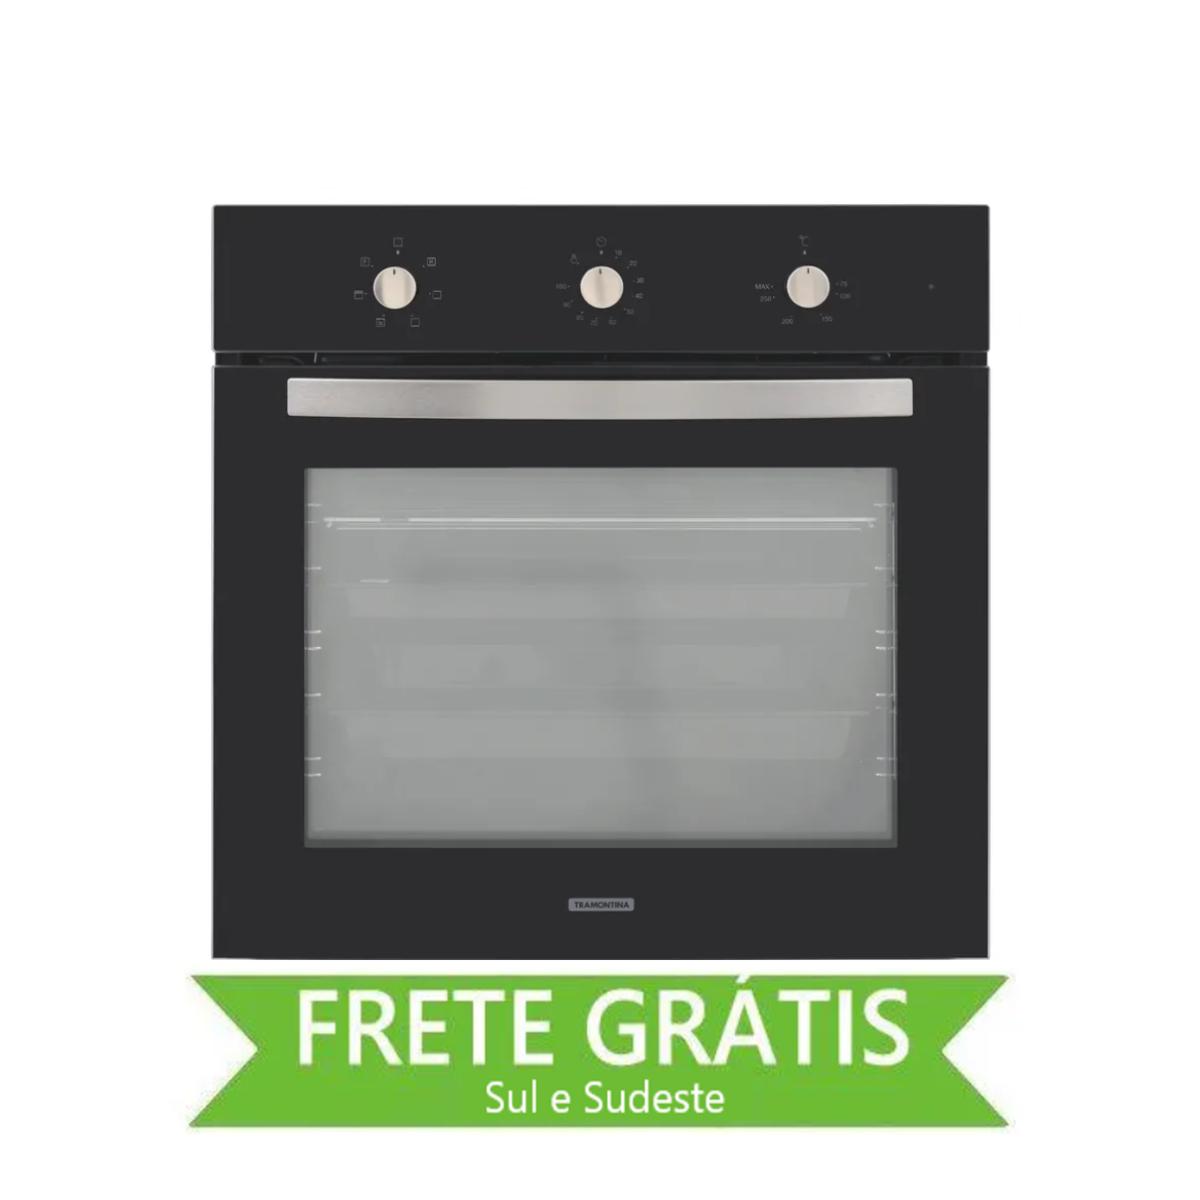 Forno Elétrico de Embutir New Glass Cook em Vidro Temperado Preto 7 Funções 71 L Tramontina 94867/220